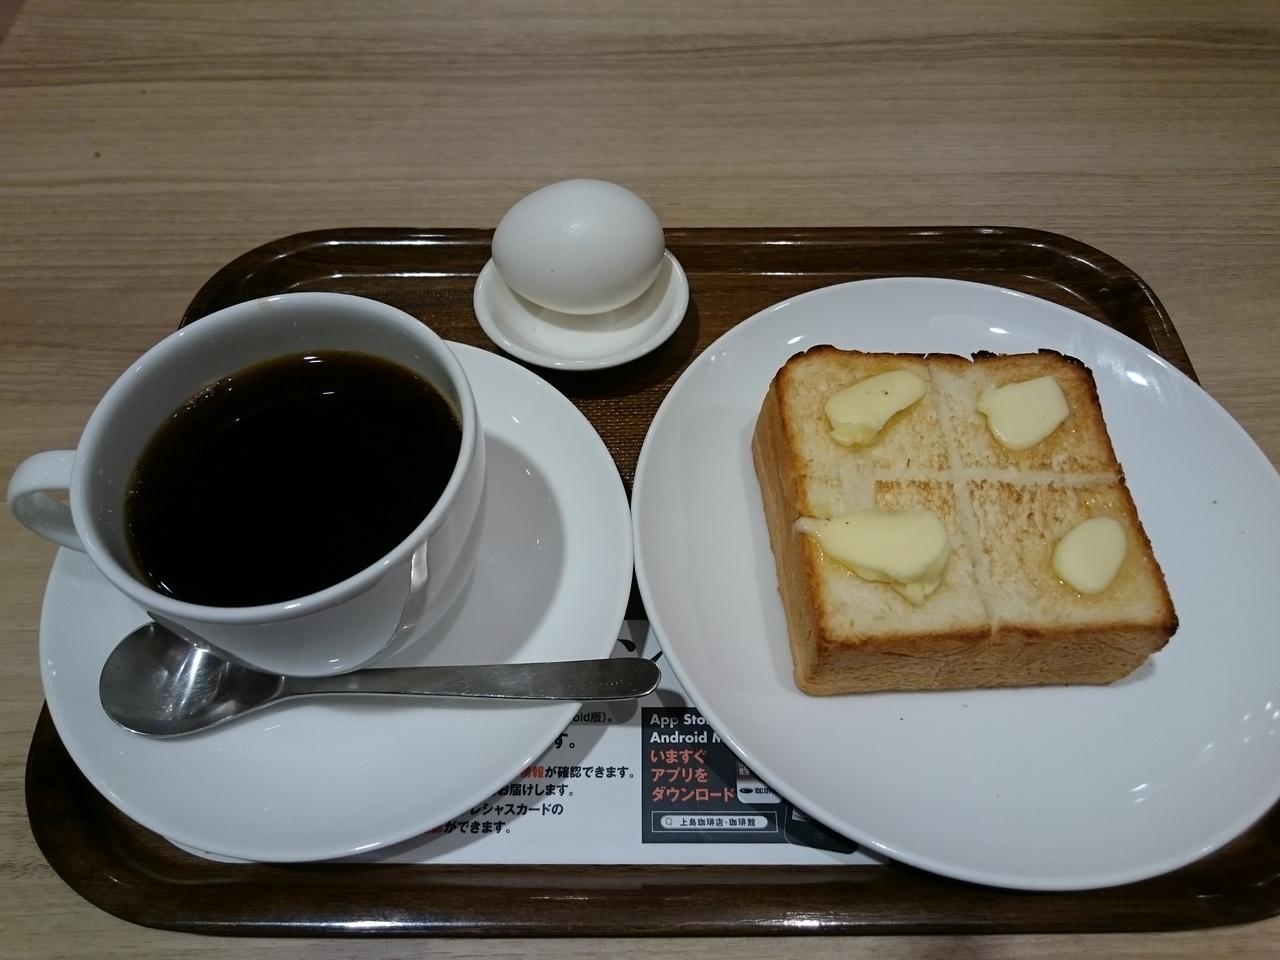 上島珈琲店 岡山大学病院店